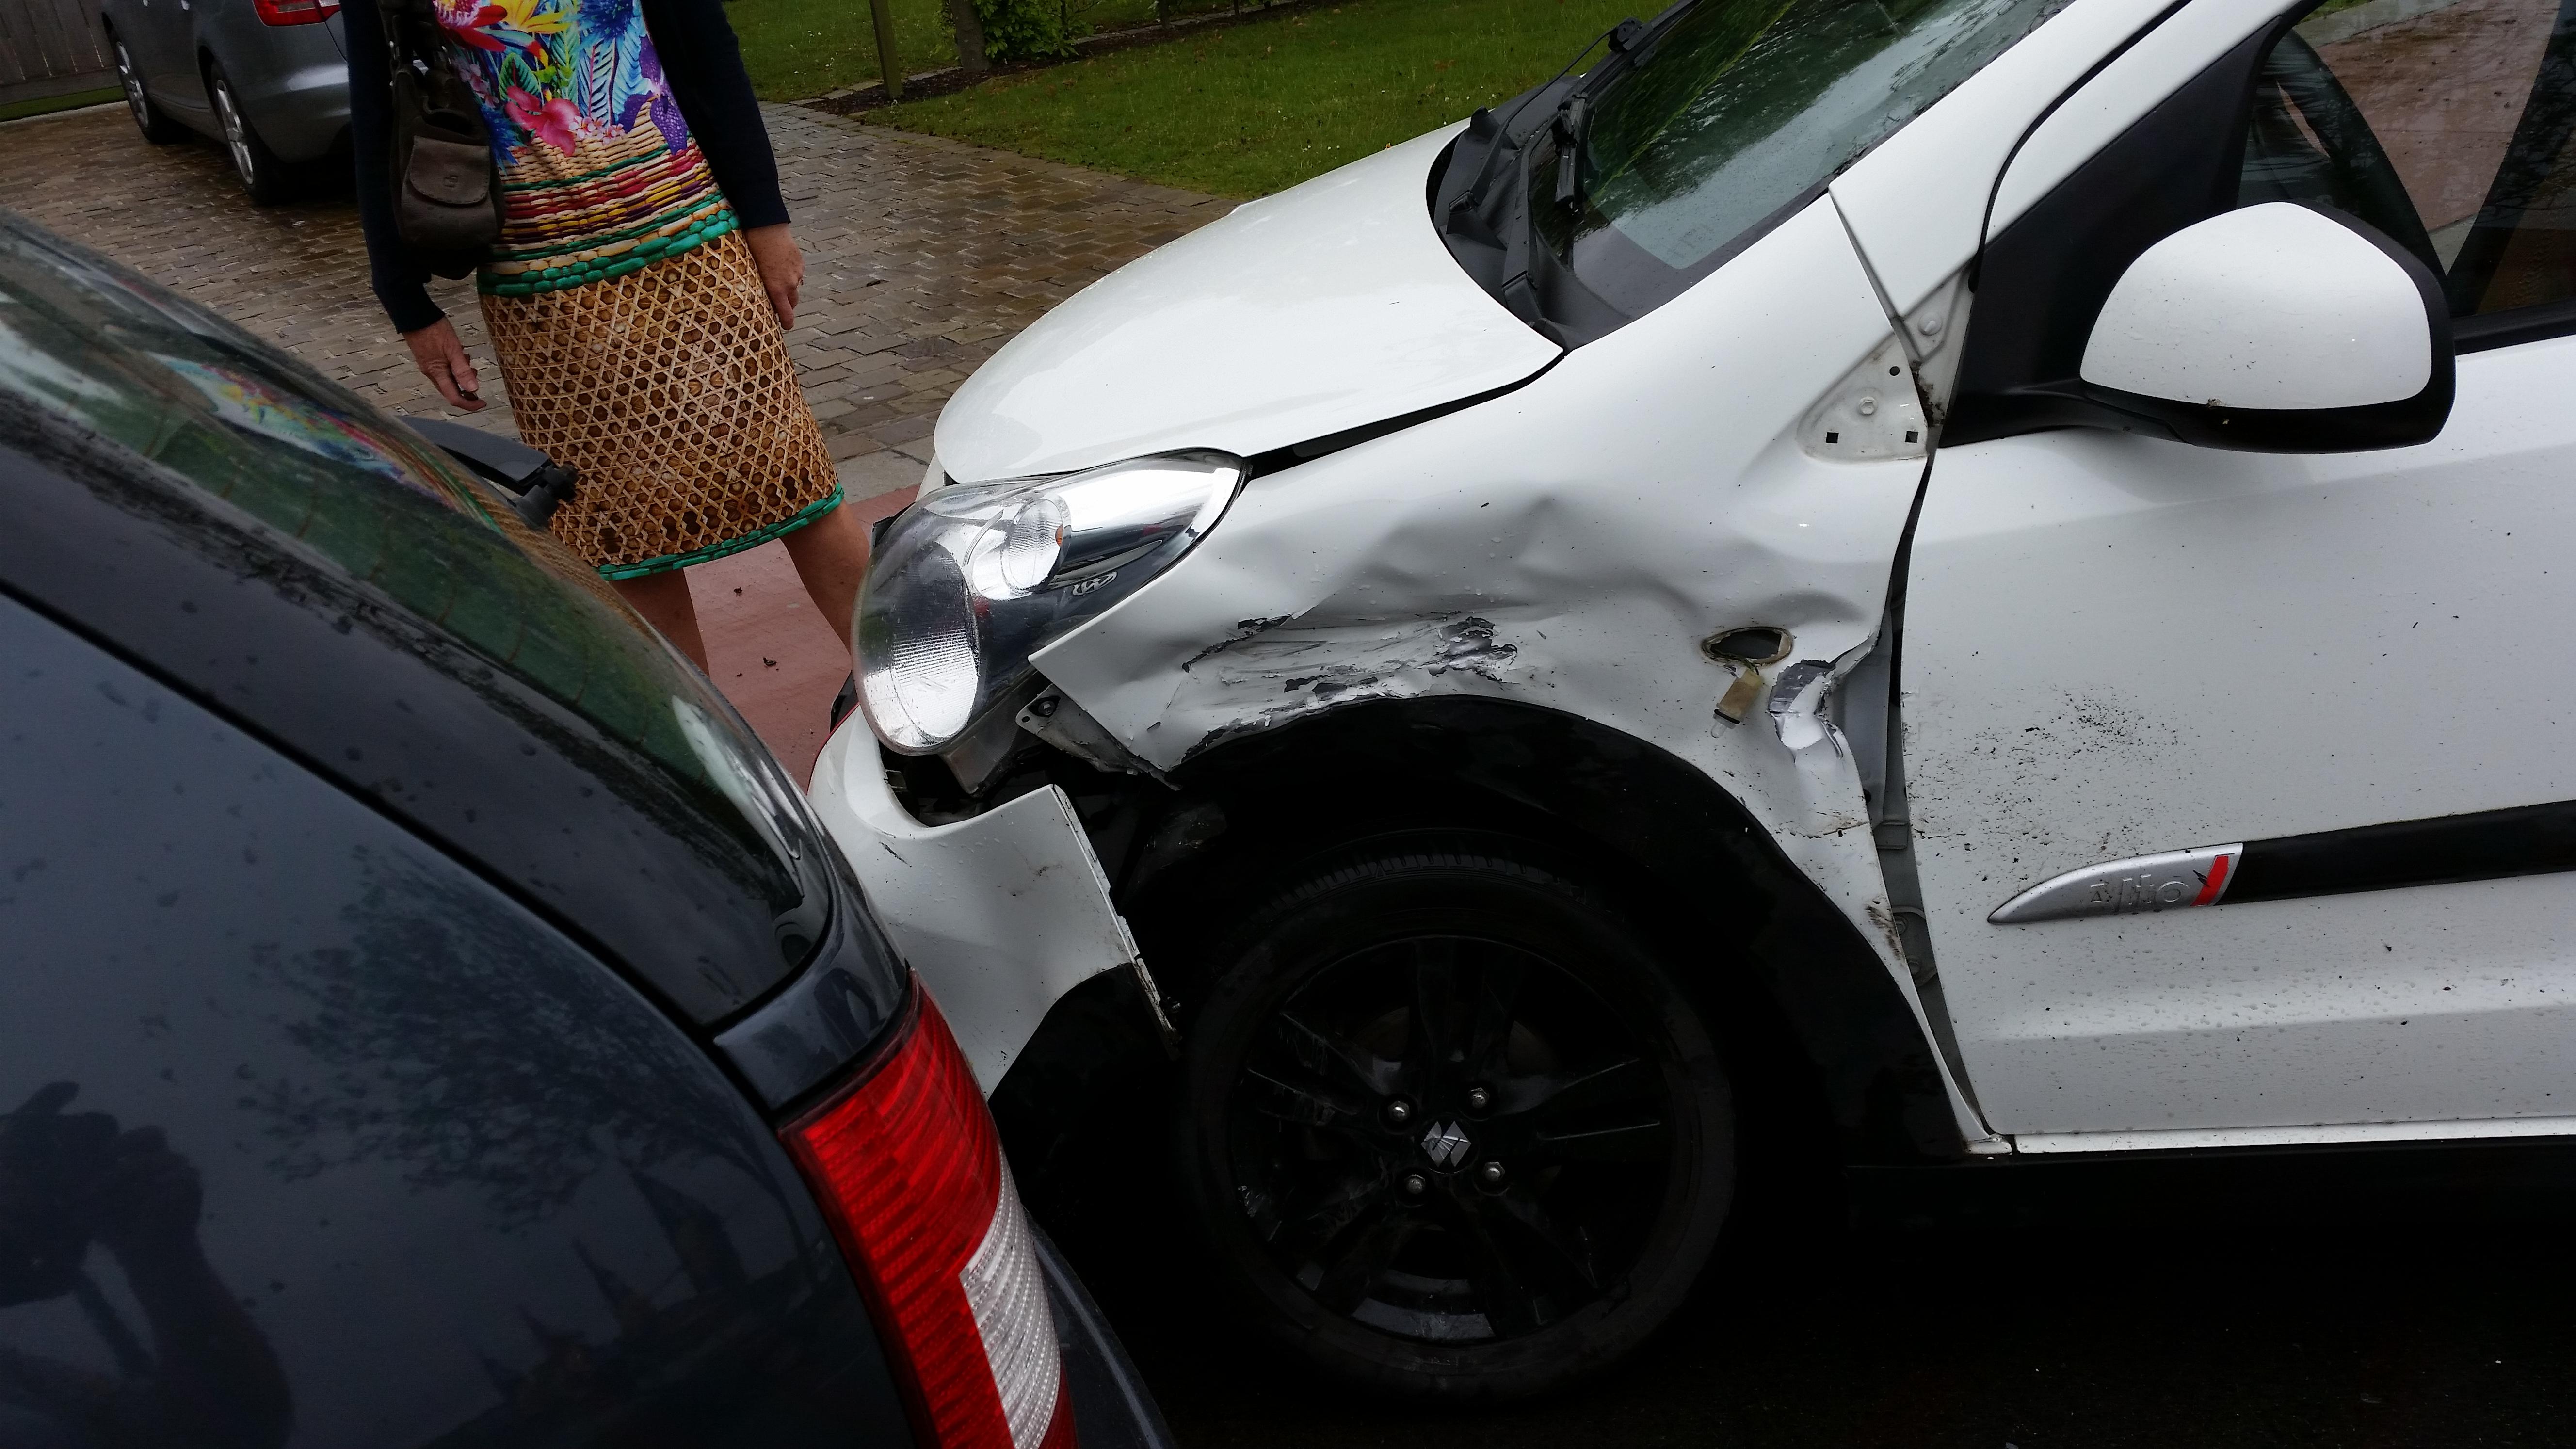 Hoeveel mijn beschadigde auto waard